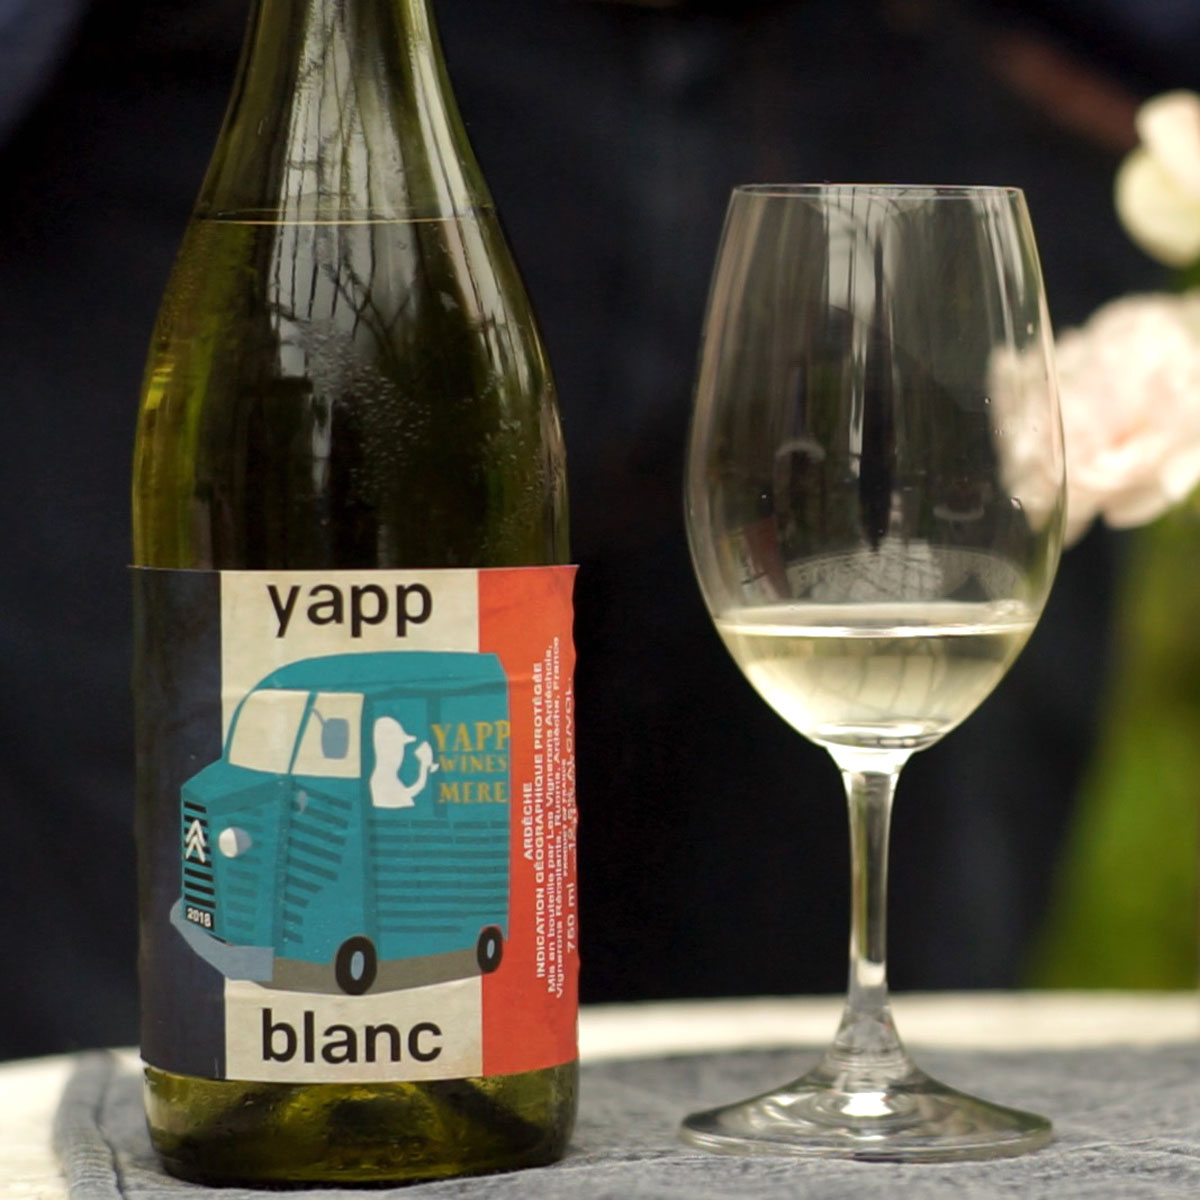 Yapp Blanc 2019 - Lifestyle